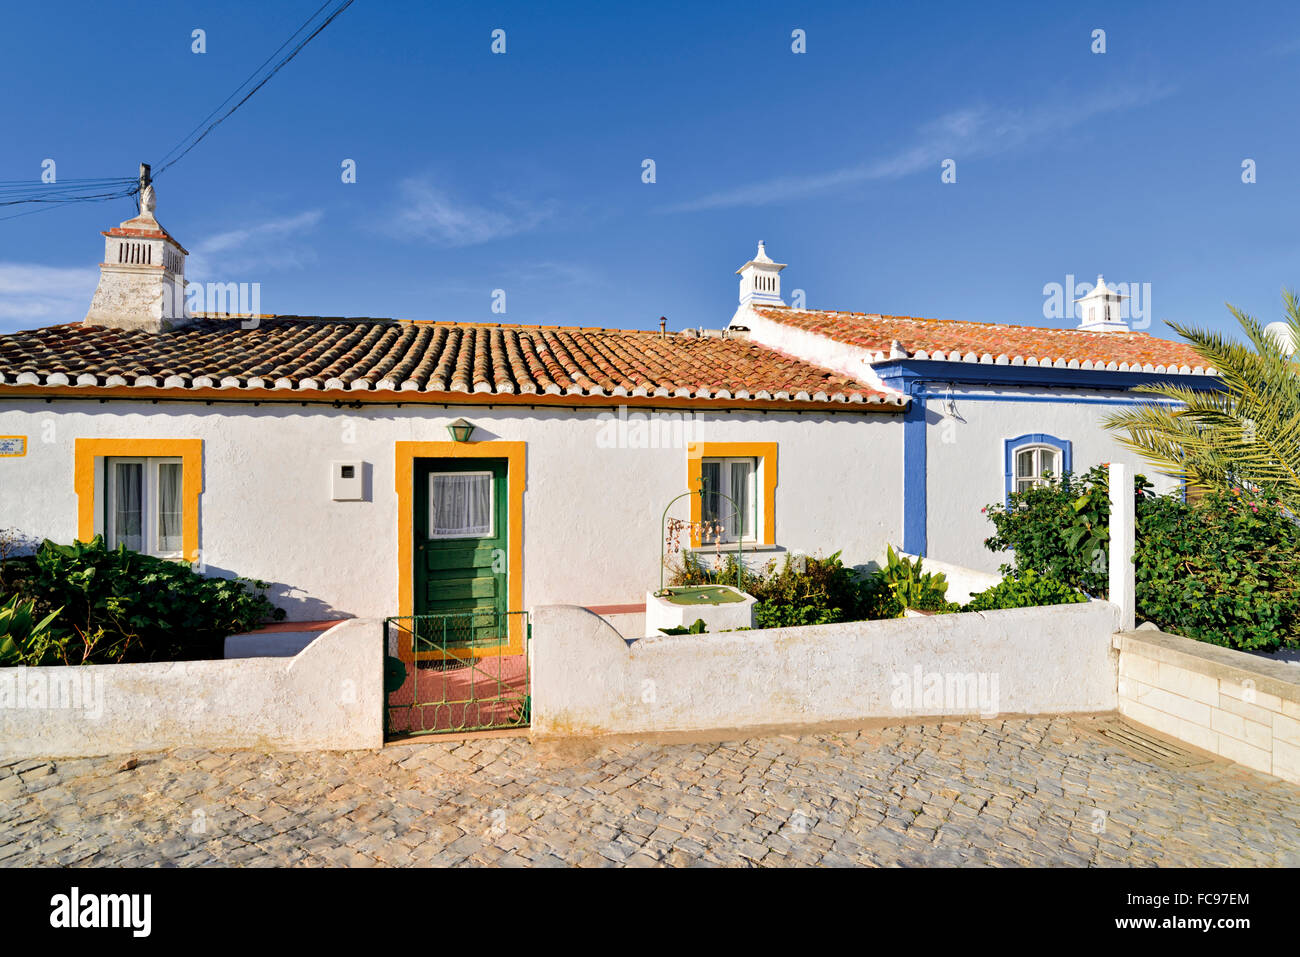 Portugal, Algarve: Traditionelle Algarve Architektur mit weissen Häusern und bunte Türrahmen Stockbild